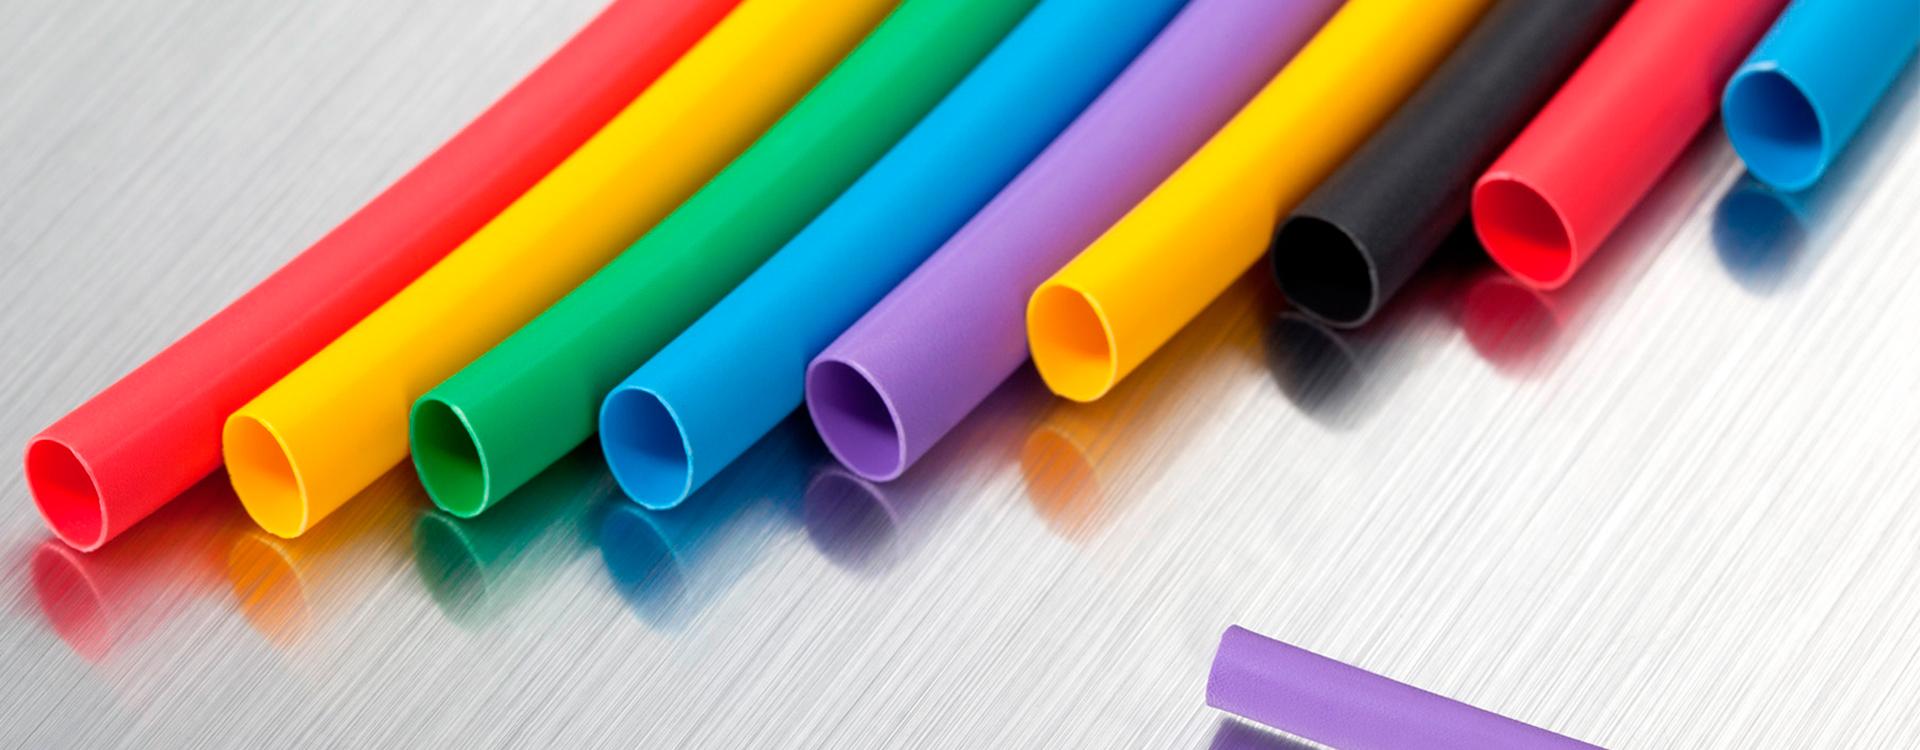 Термоусадочные трубки для кабельной продукции - распространенное применение термопленки картинка